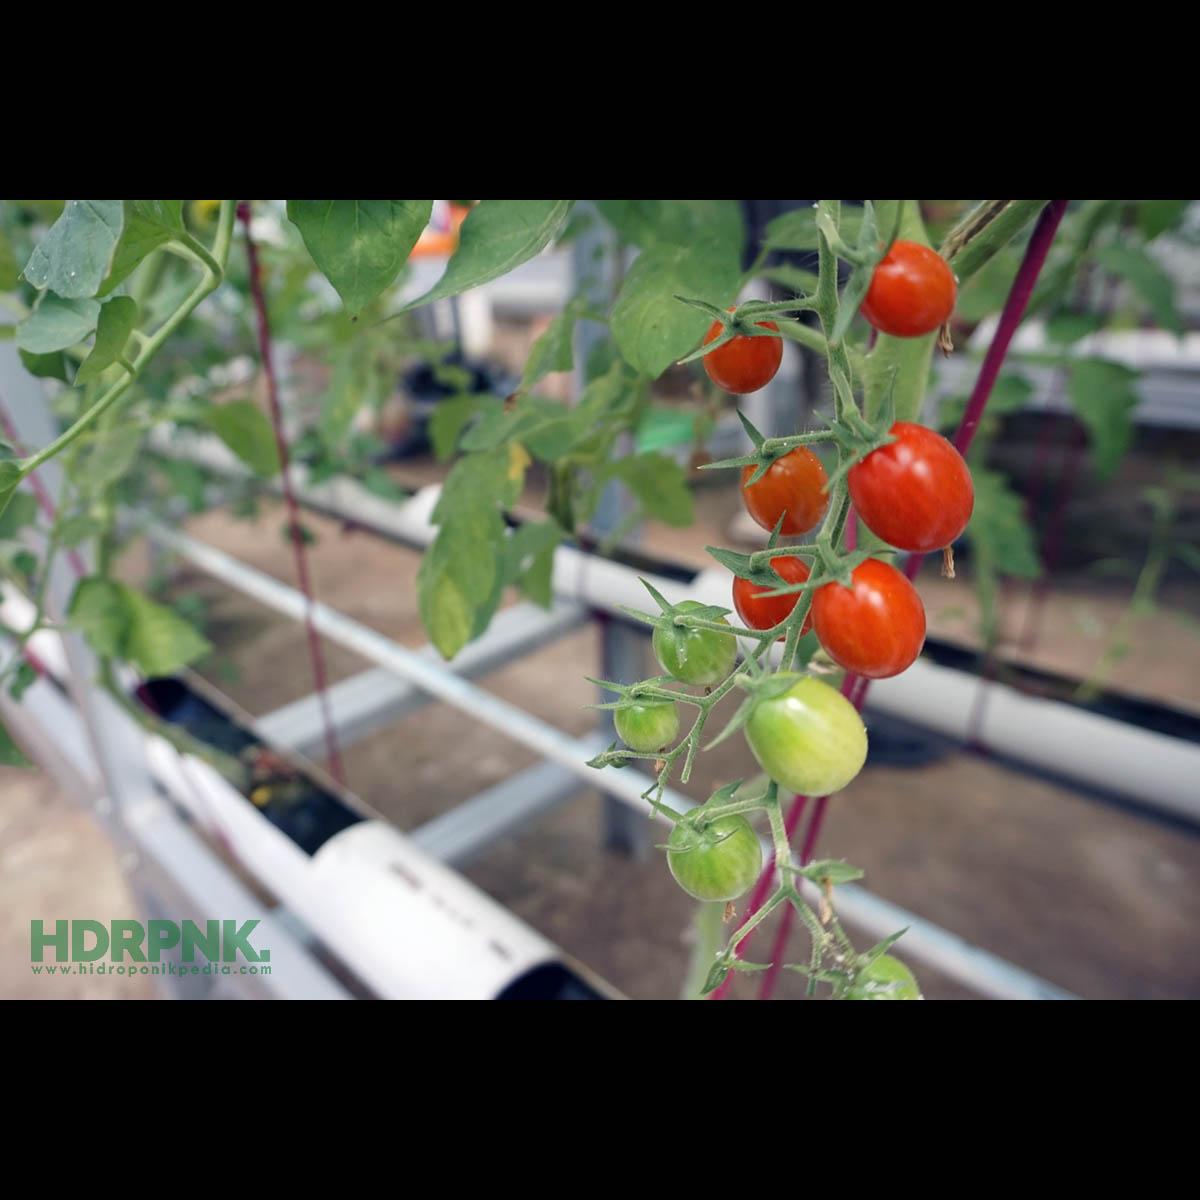 5 Langkah Menarik Menanam Tomat Hidroponik